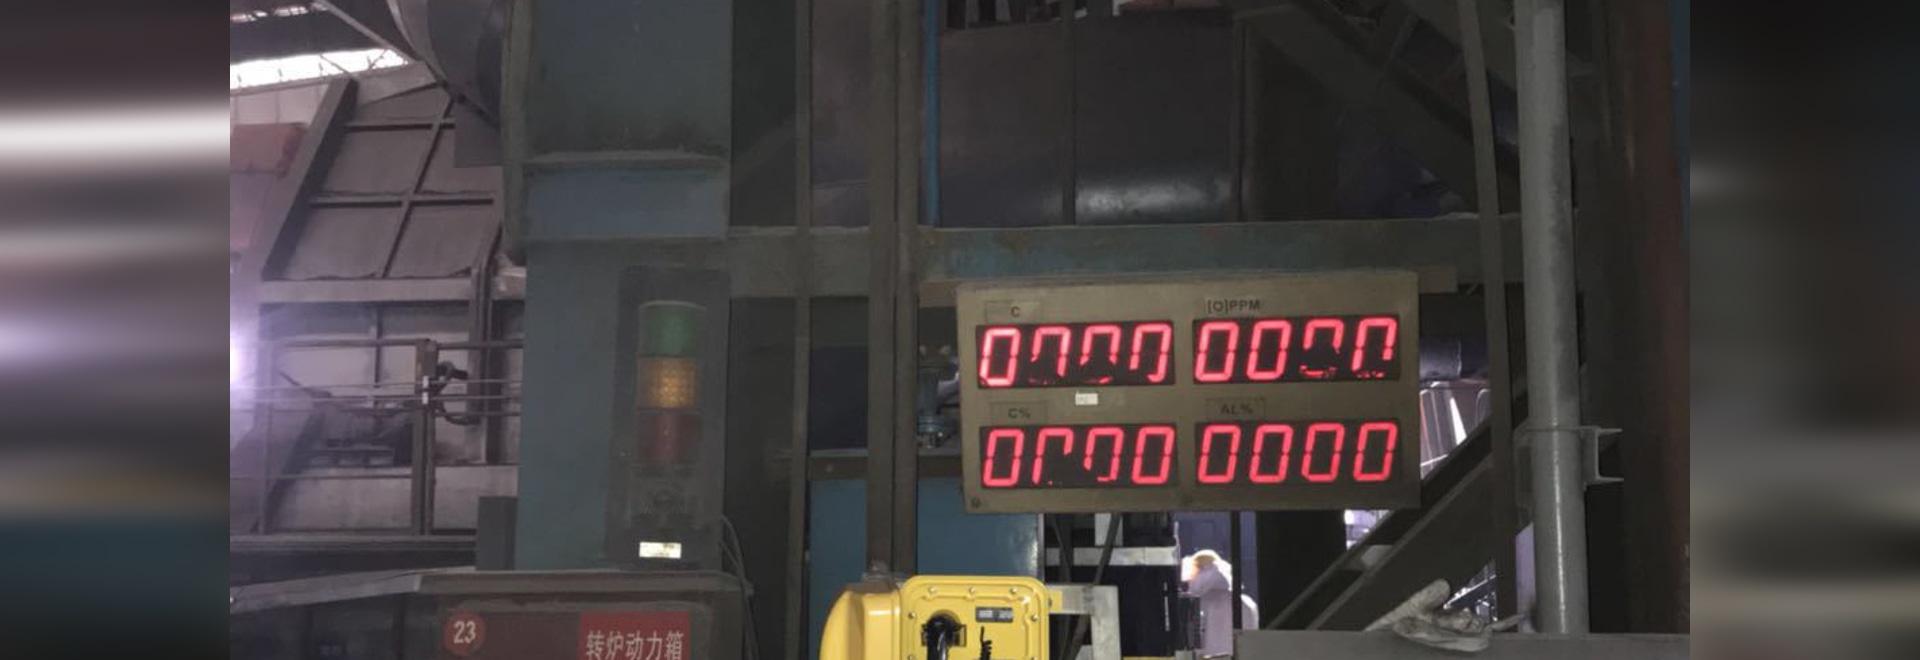 Se instaló el teléfono a prueba de explosiones Joiwo en la acería